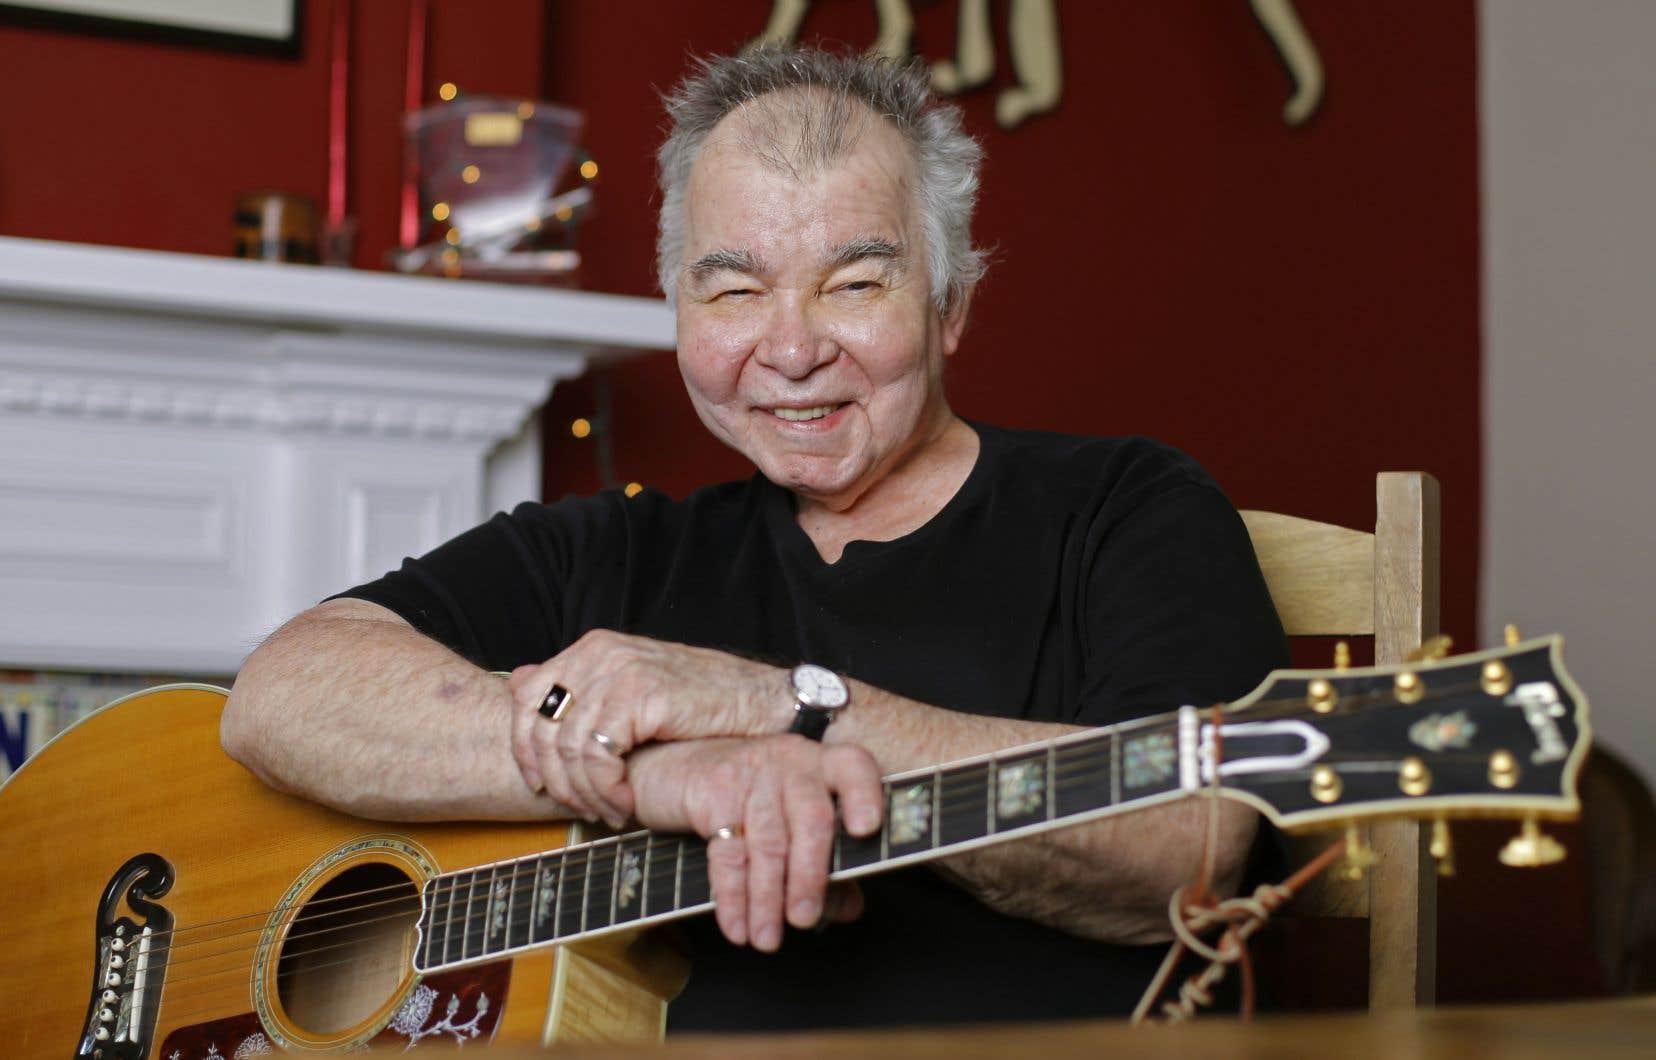 <p>Gagnant d'un Grammy saluant l'ensemble de sa carrière plus tôt cette année, John Prine était considéré par plusieurs de ses pairs comme un virtuose.</p>